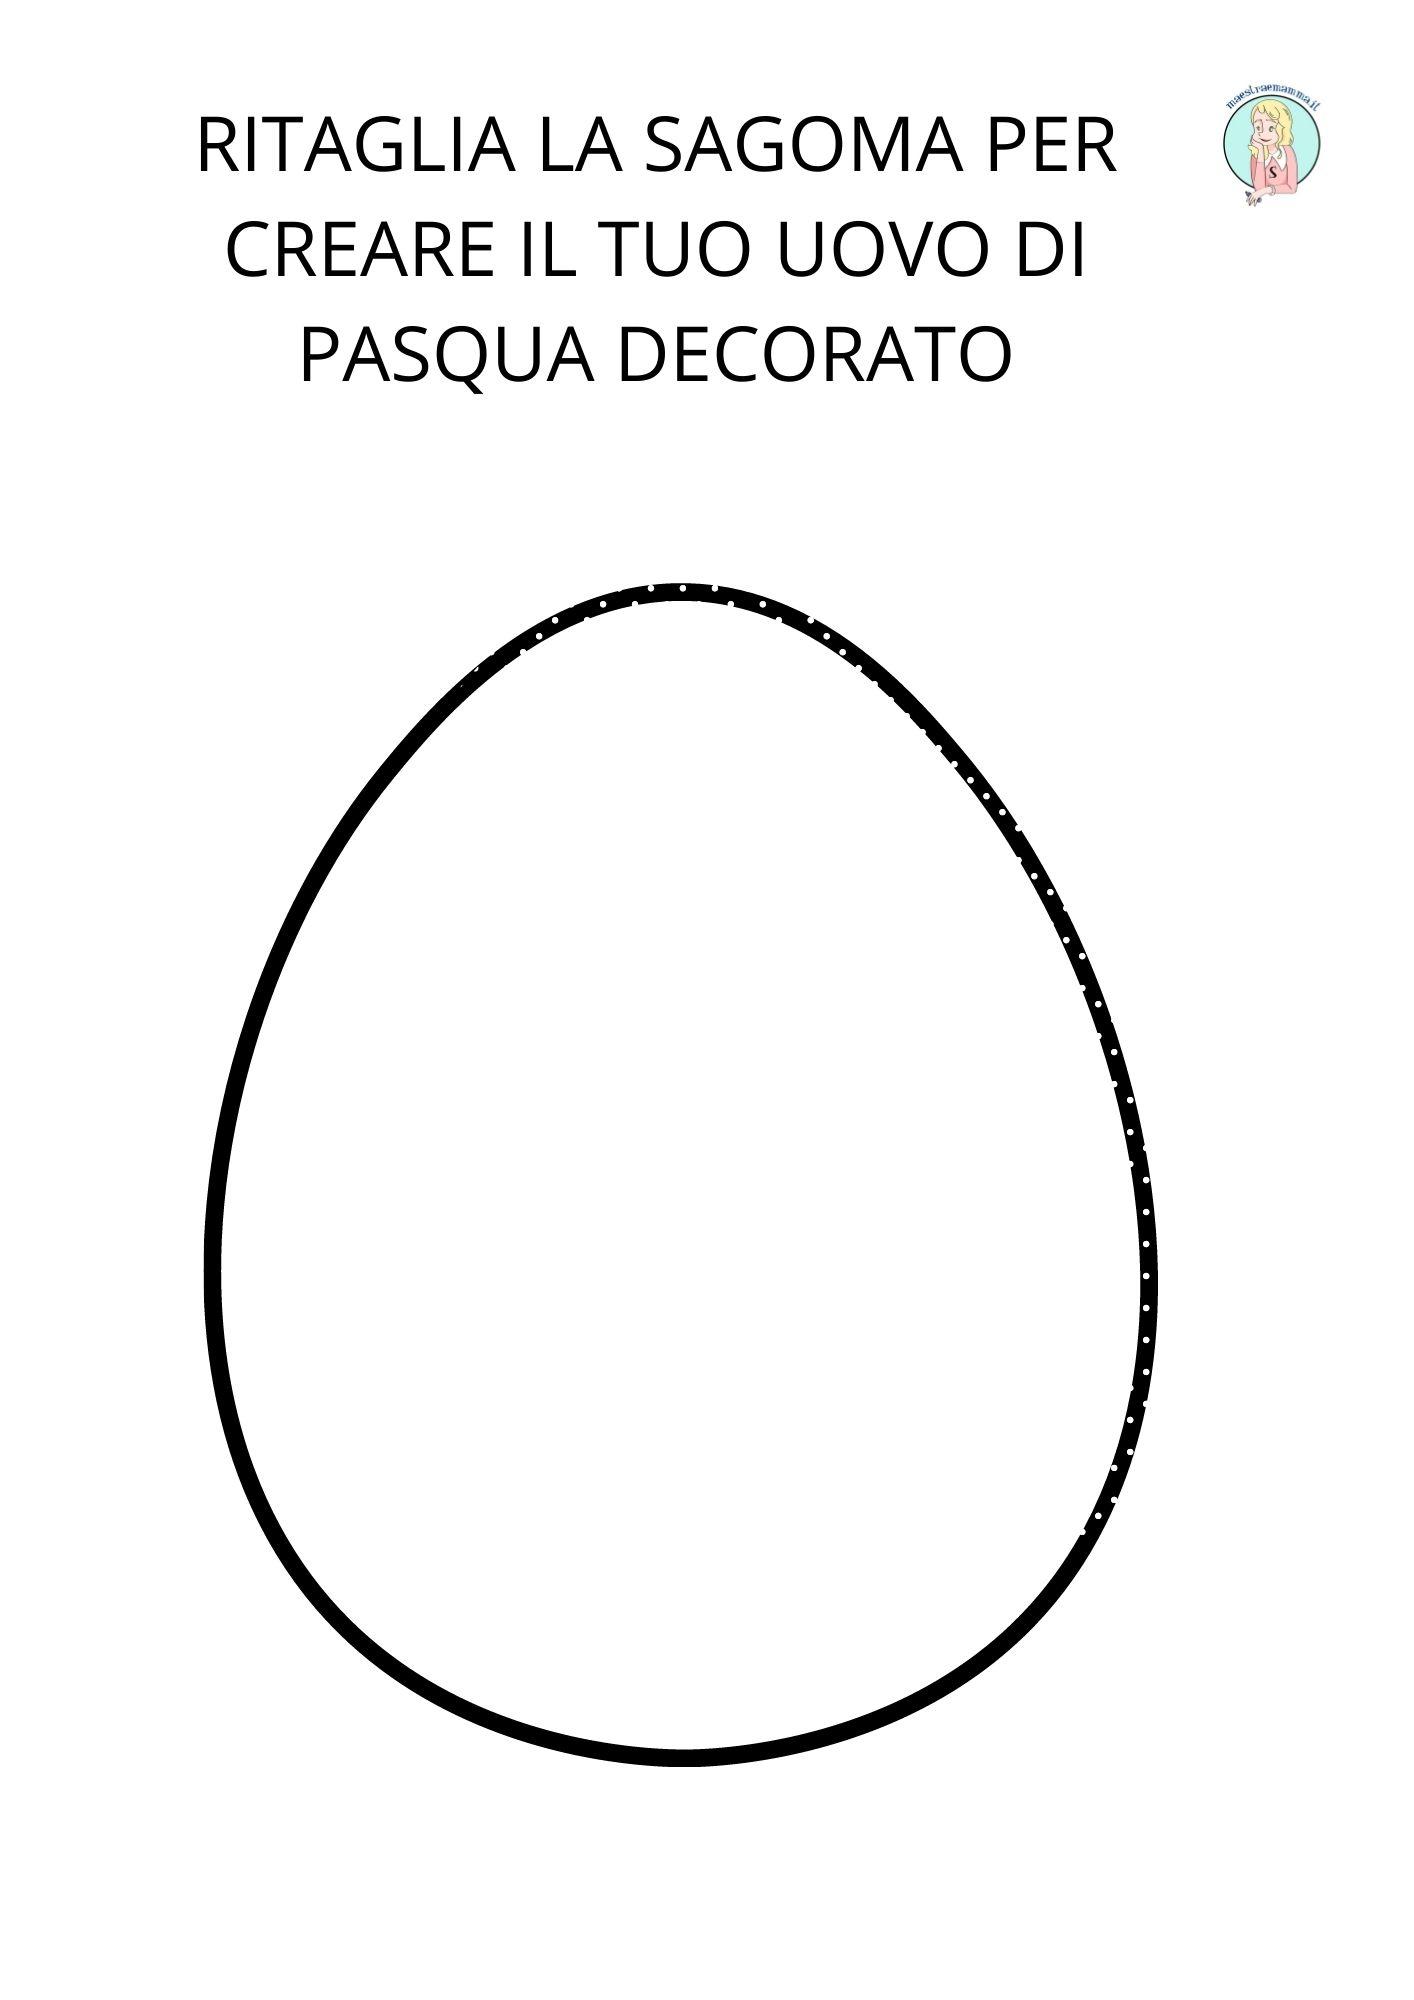 Sagoma uovo di pasqua da ritagliare per fare lavoretto scuola bambini disegno